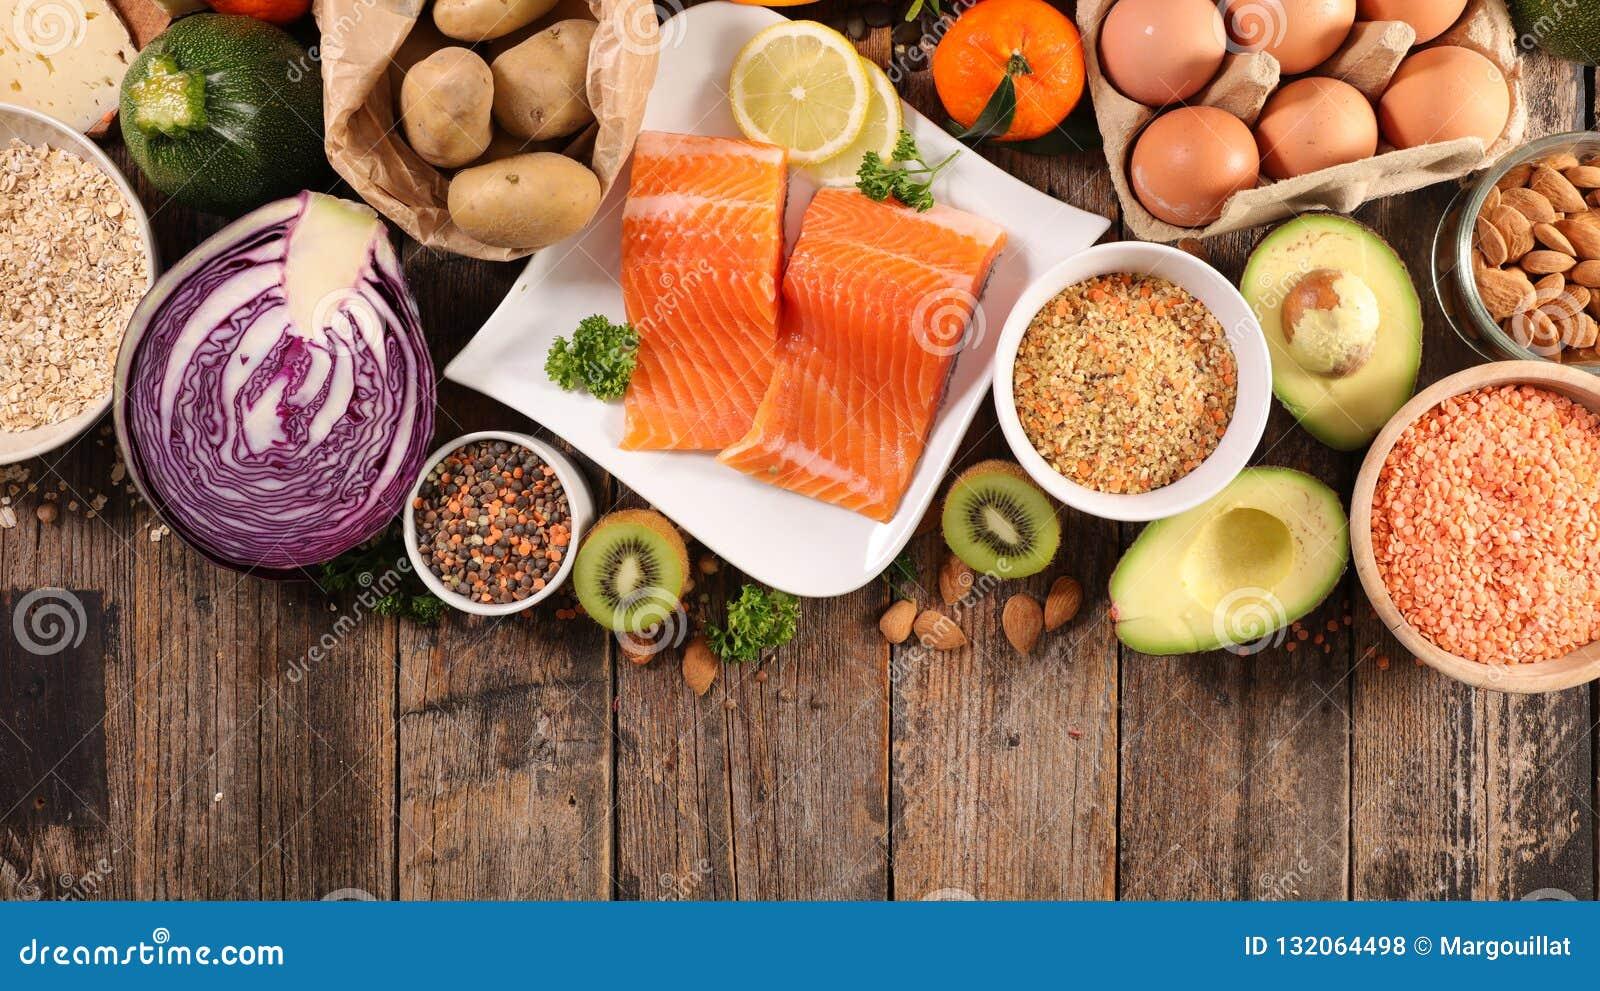 Selection health food